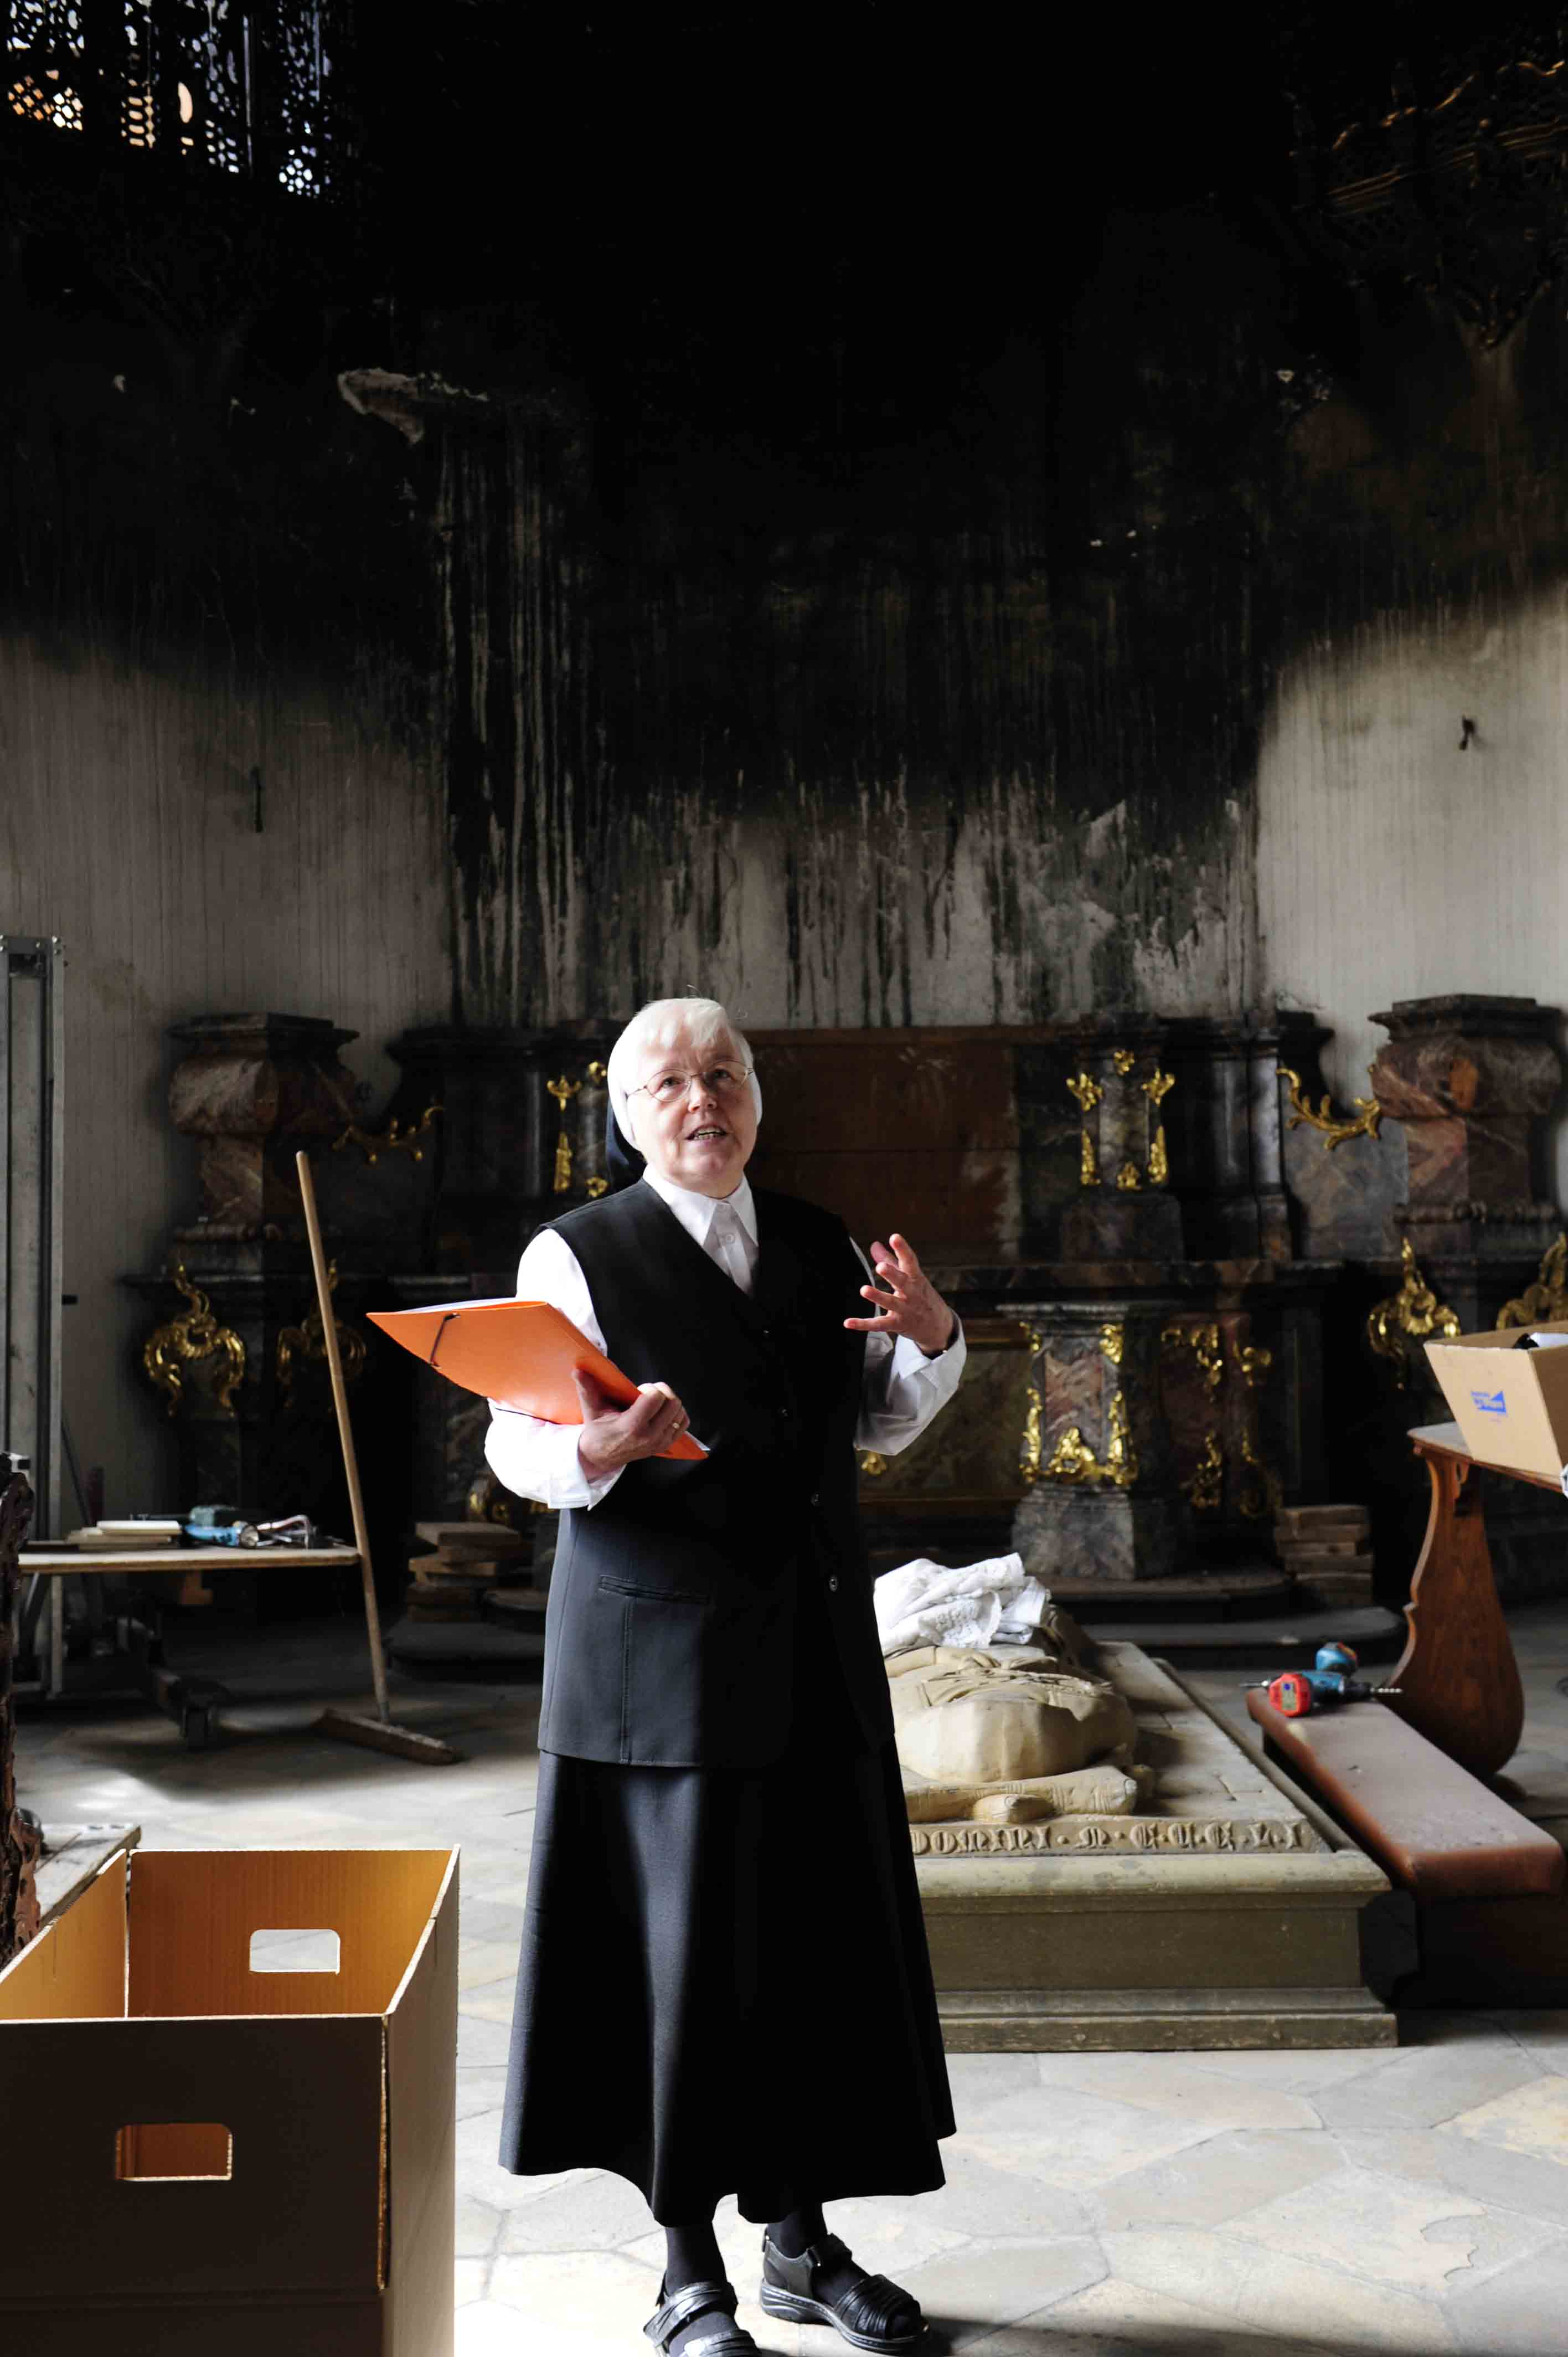 Schwester Edith äußert sich sichtlich betroffen. Foto: Maria Steber /pba.